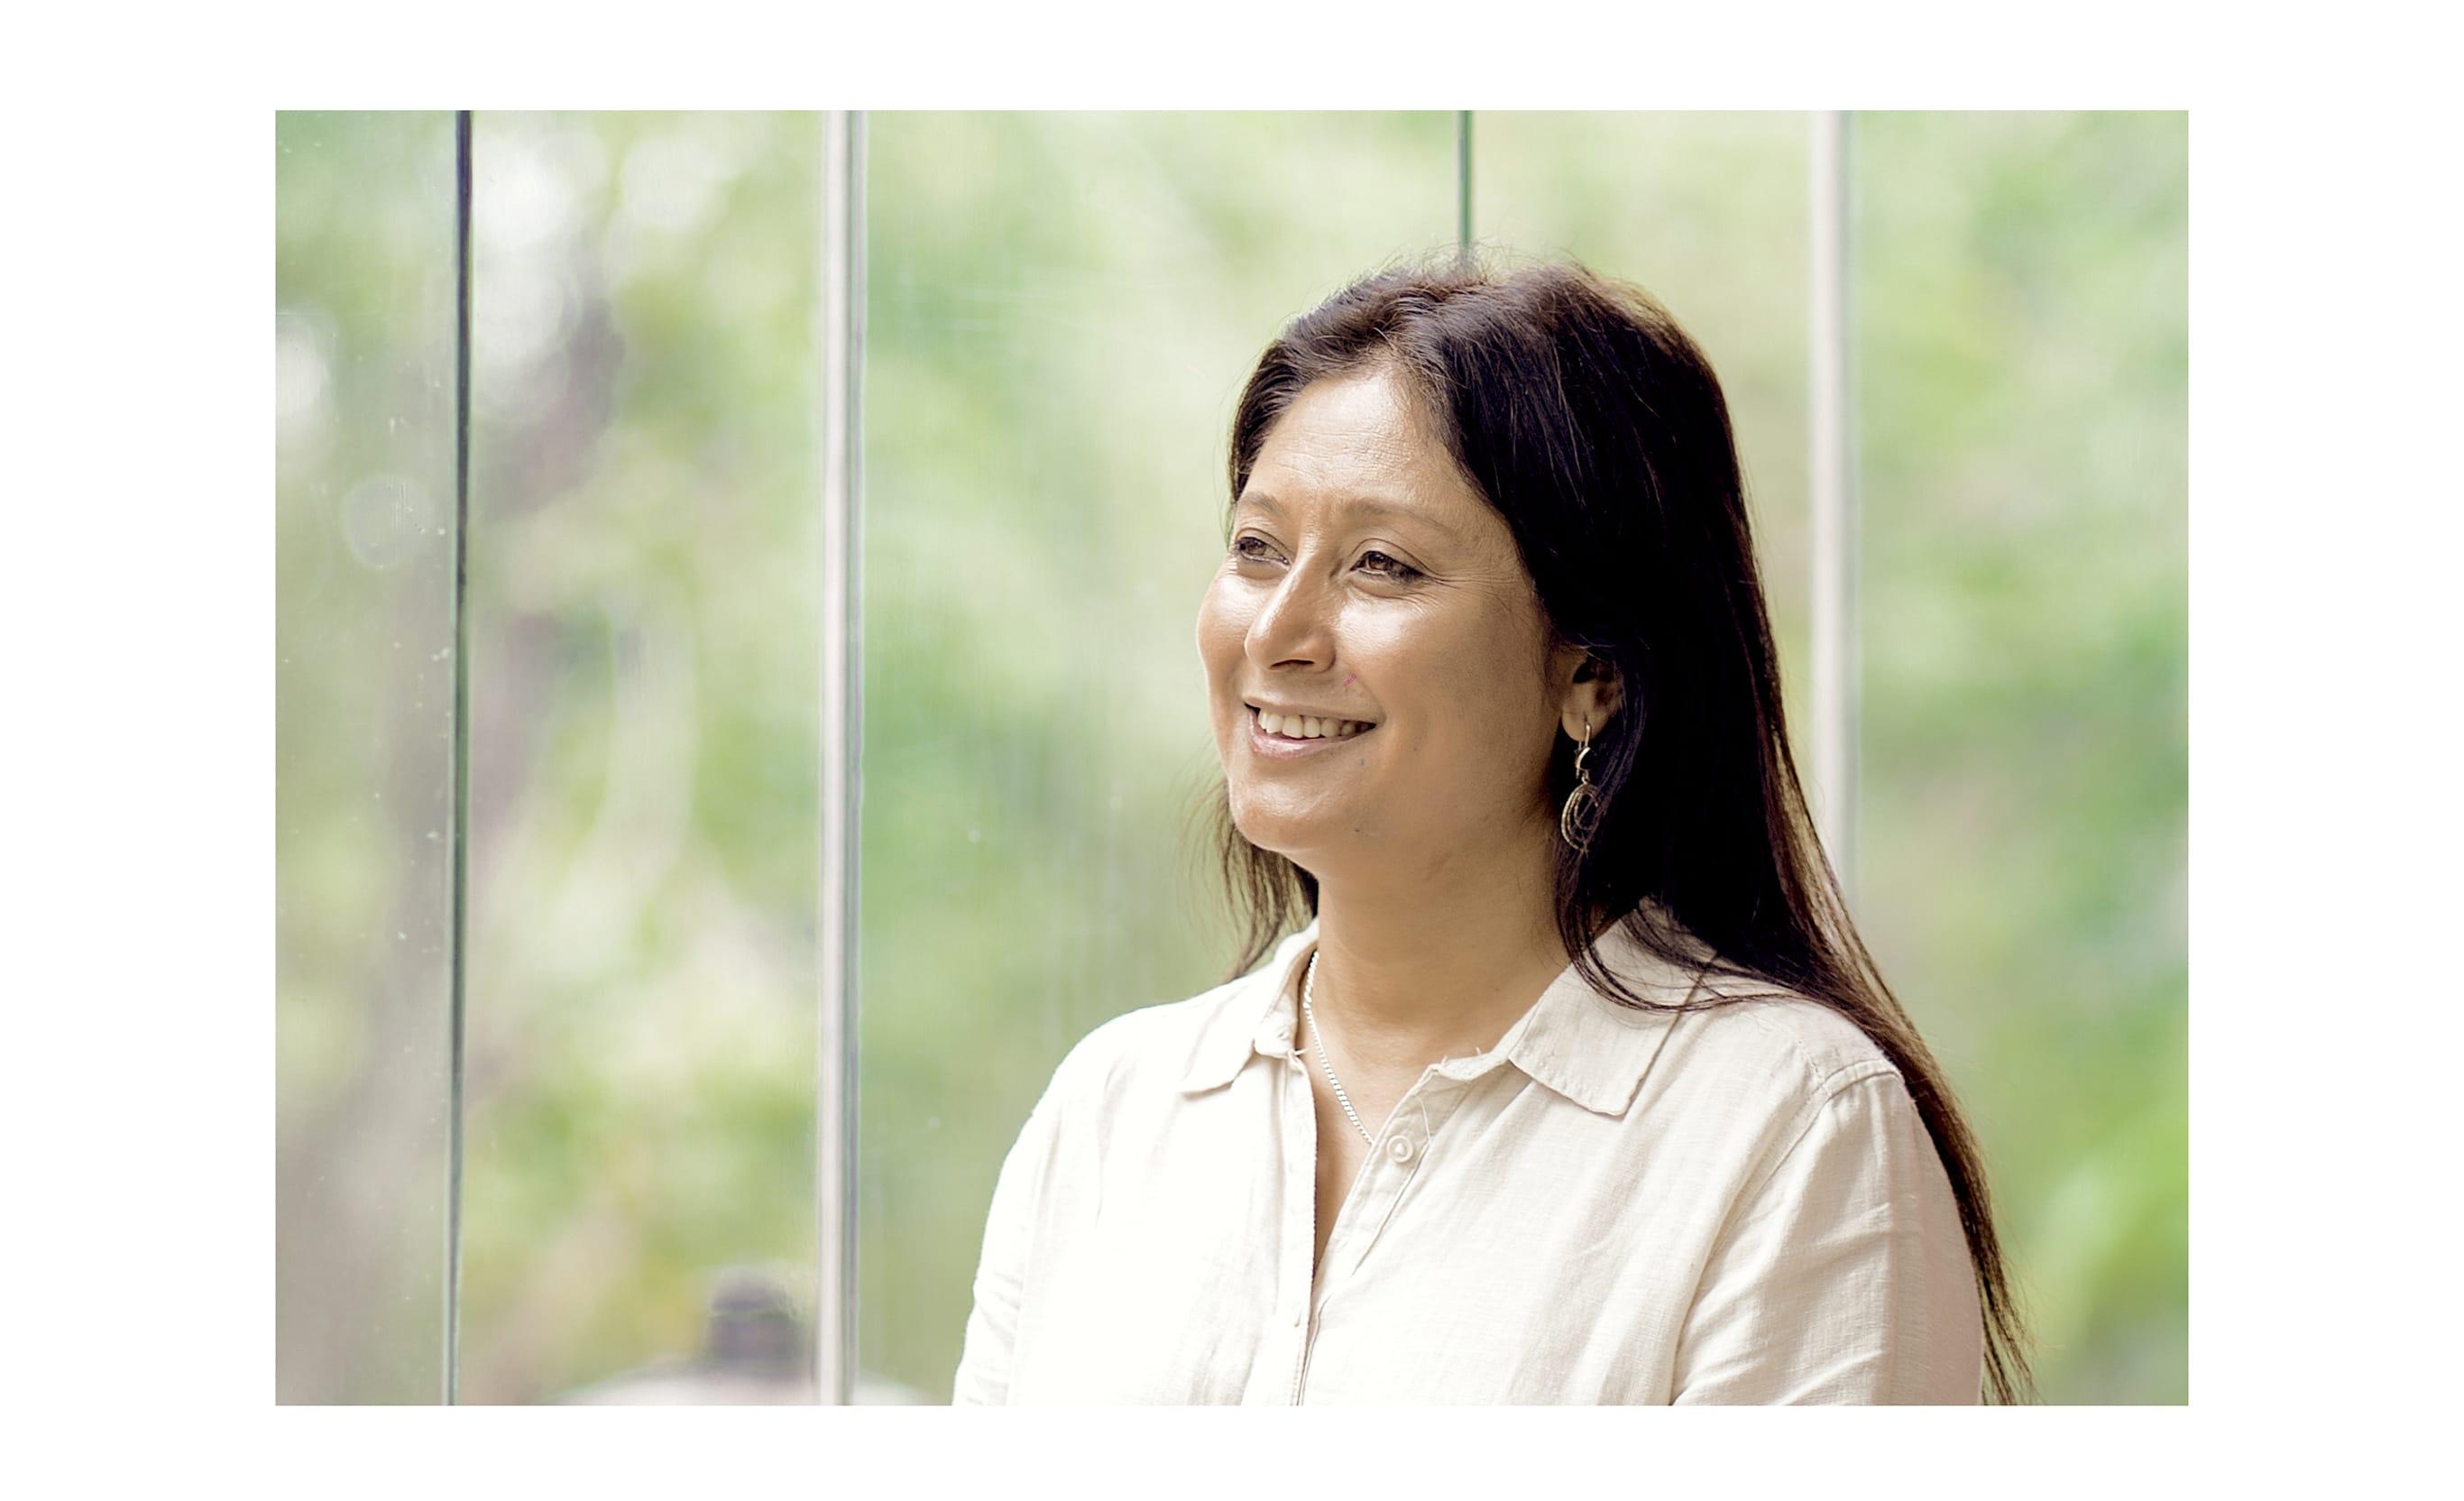 マザーテレサ賞など人権分野のほとんどの賞を受賞した社会起業家ハシナ・カービ。